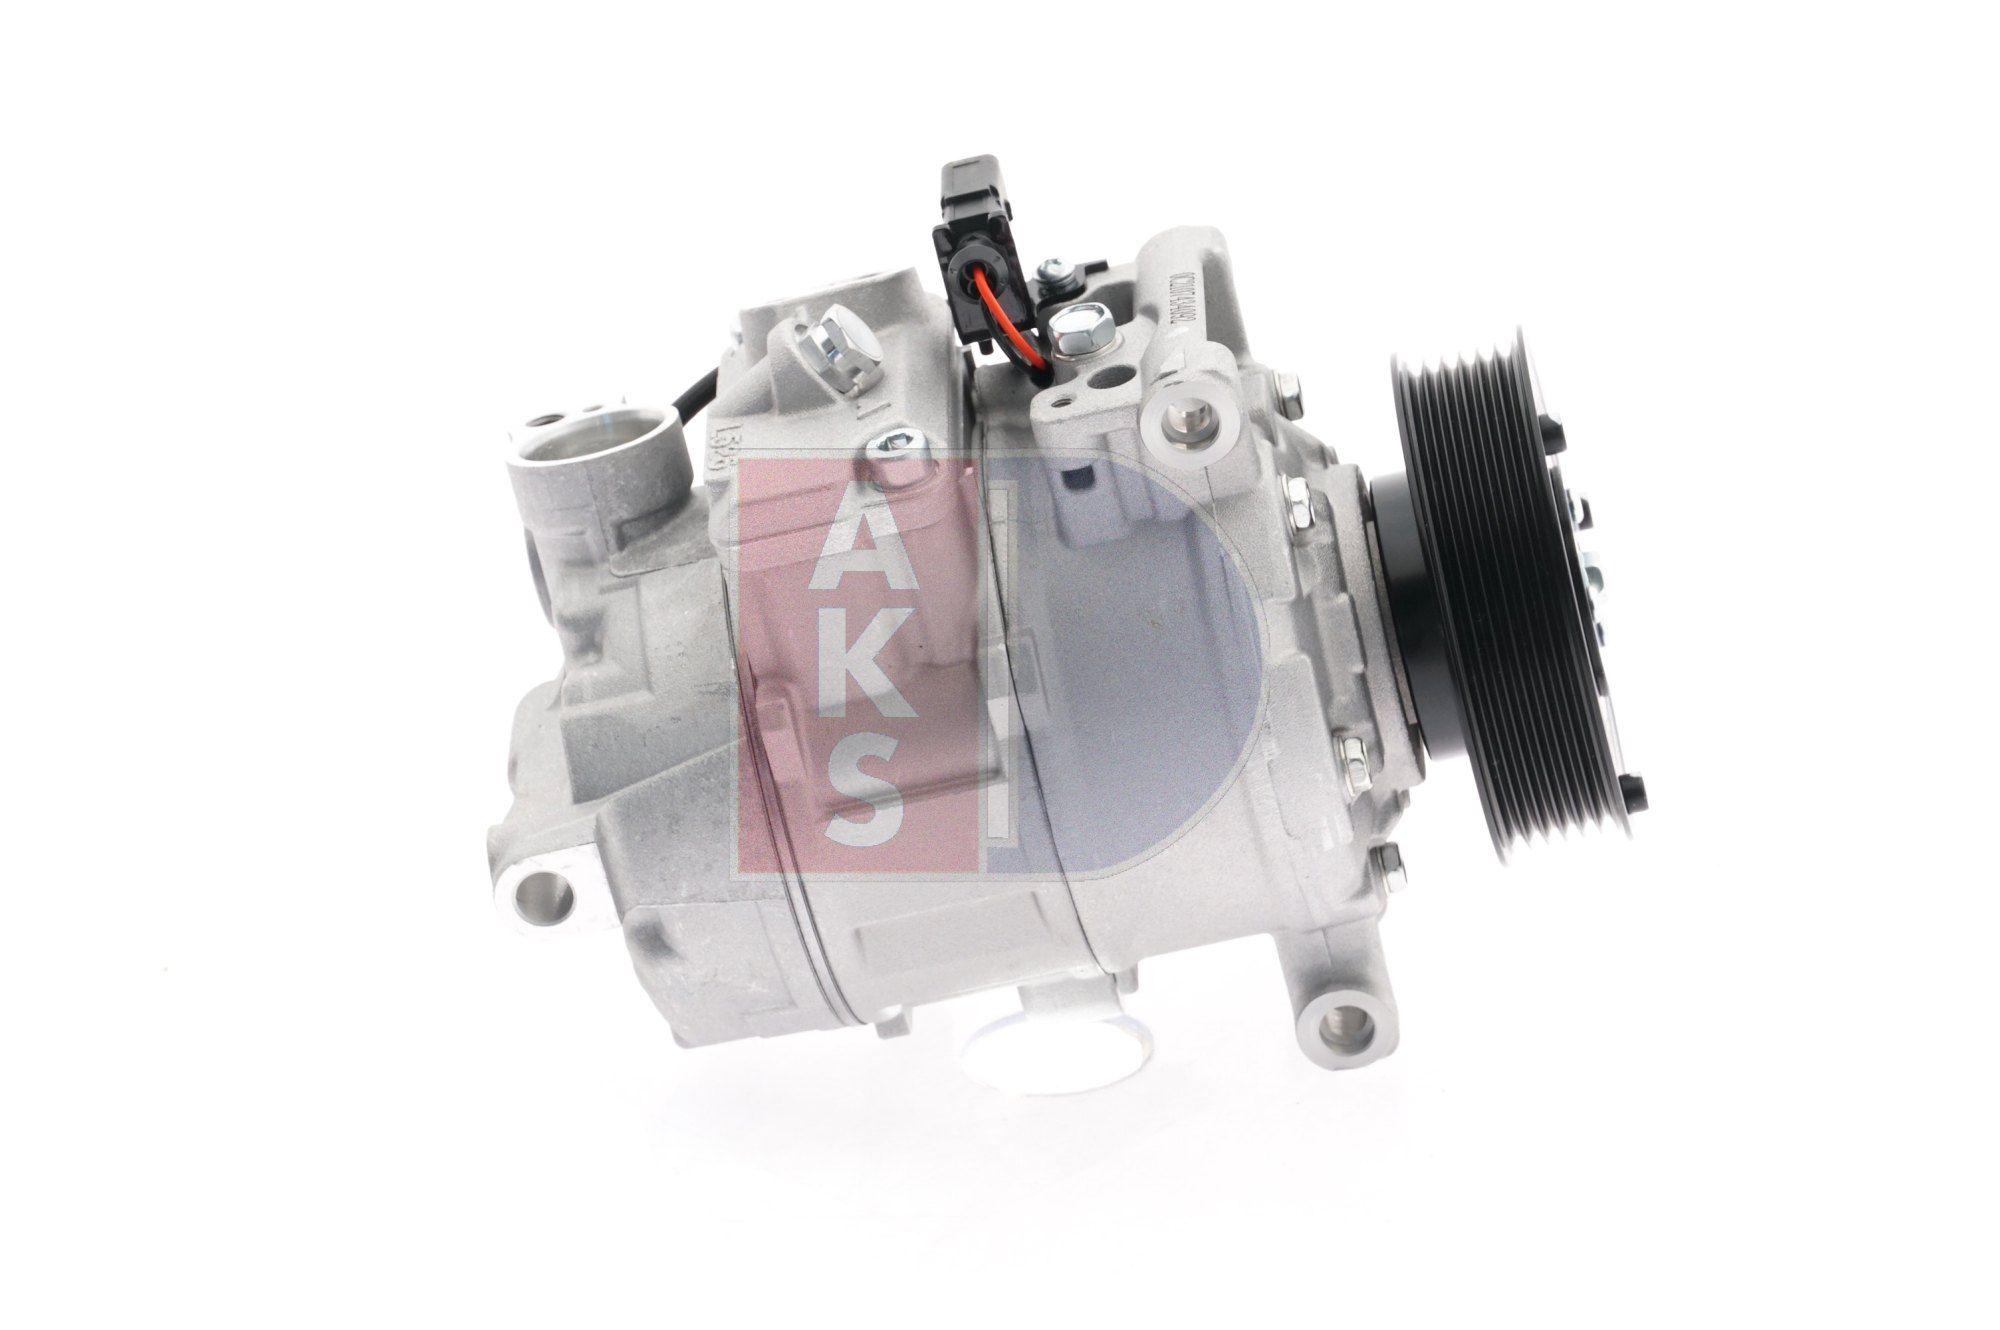 851658N Klimakompressor AKS DASIS 851658N - Große Auswahl - stark reduziert